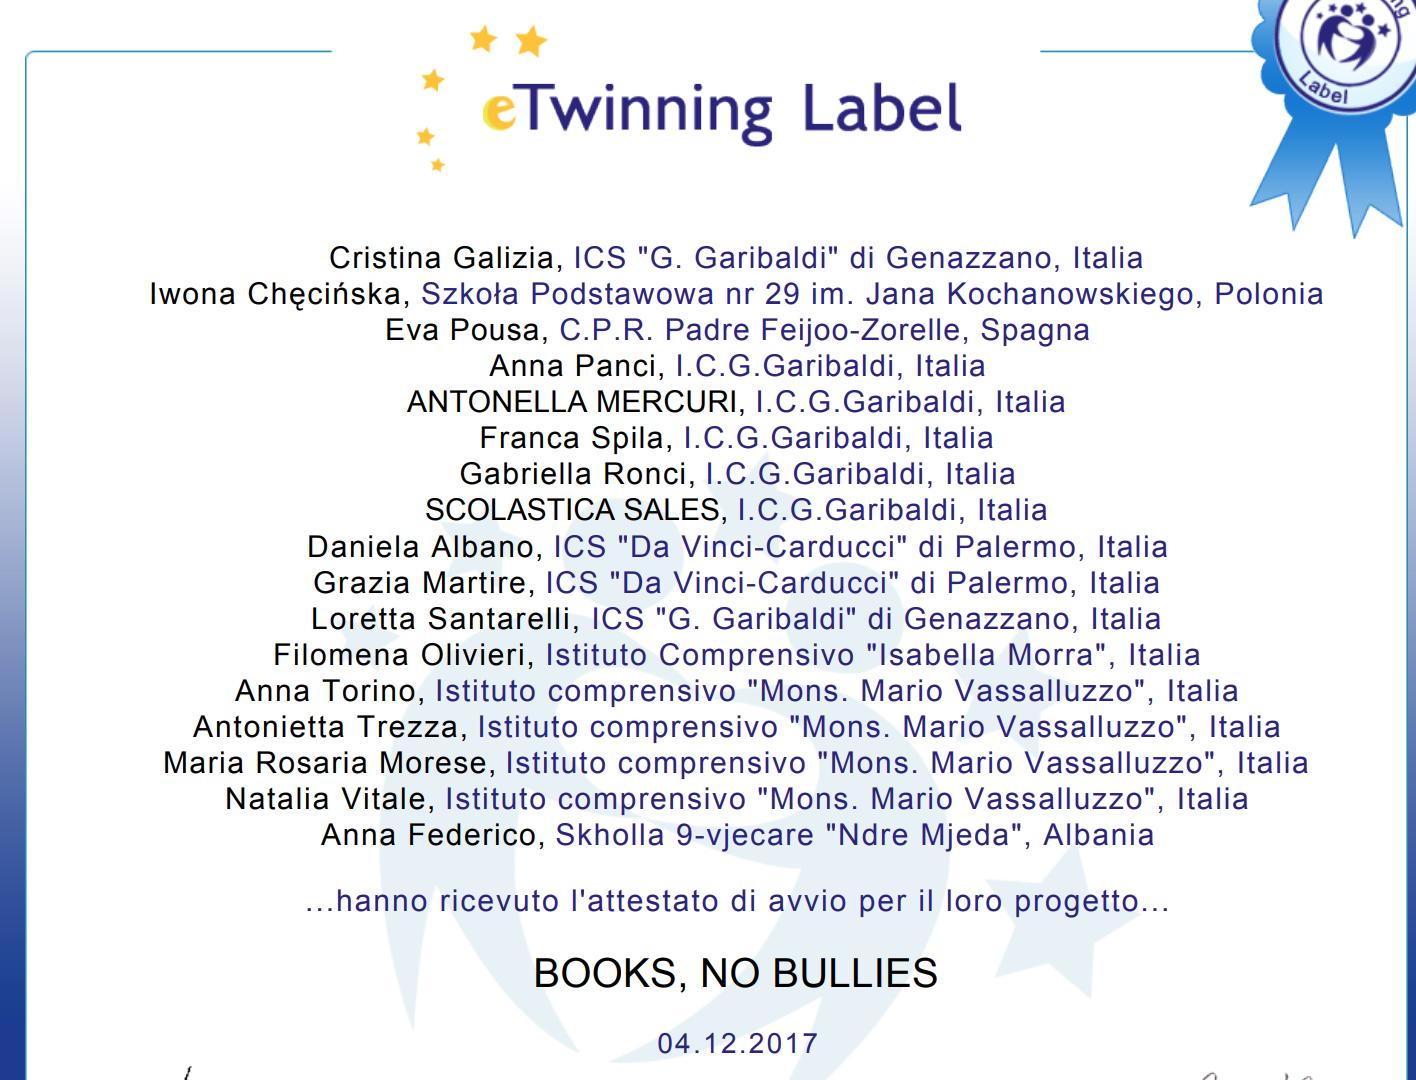 Books, no bullies